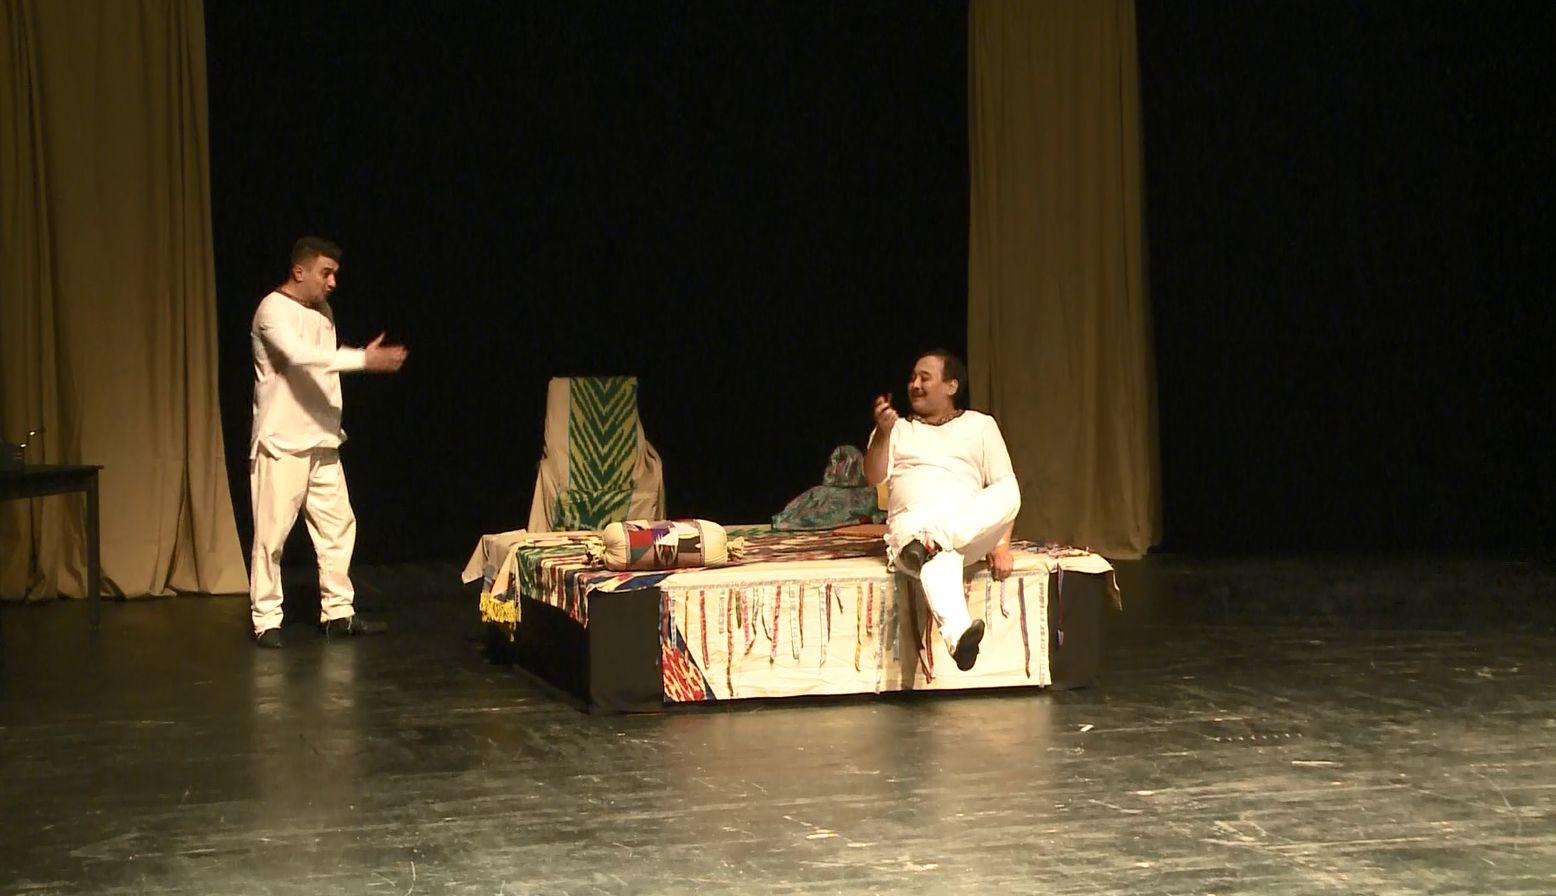 «Осенняя скука» на узбекском - театральная осень в Ярославле набирает обороты